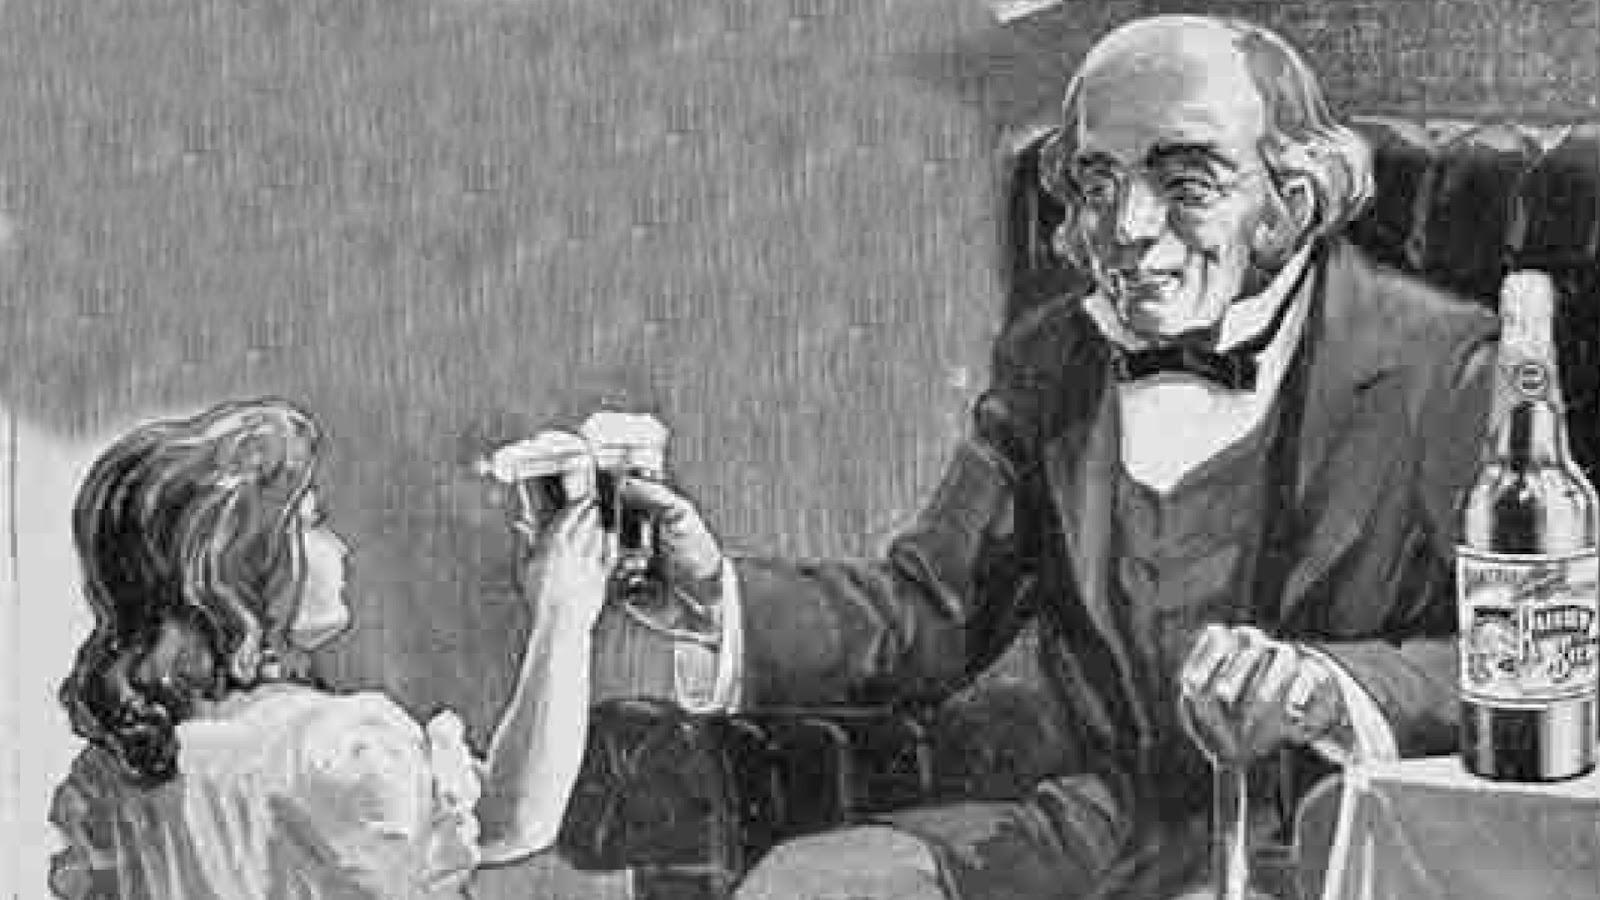 Seleção de propagandas antigas que mostram ofertas de cervejas para crianças